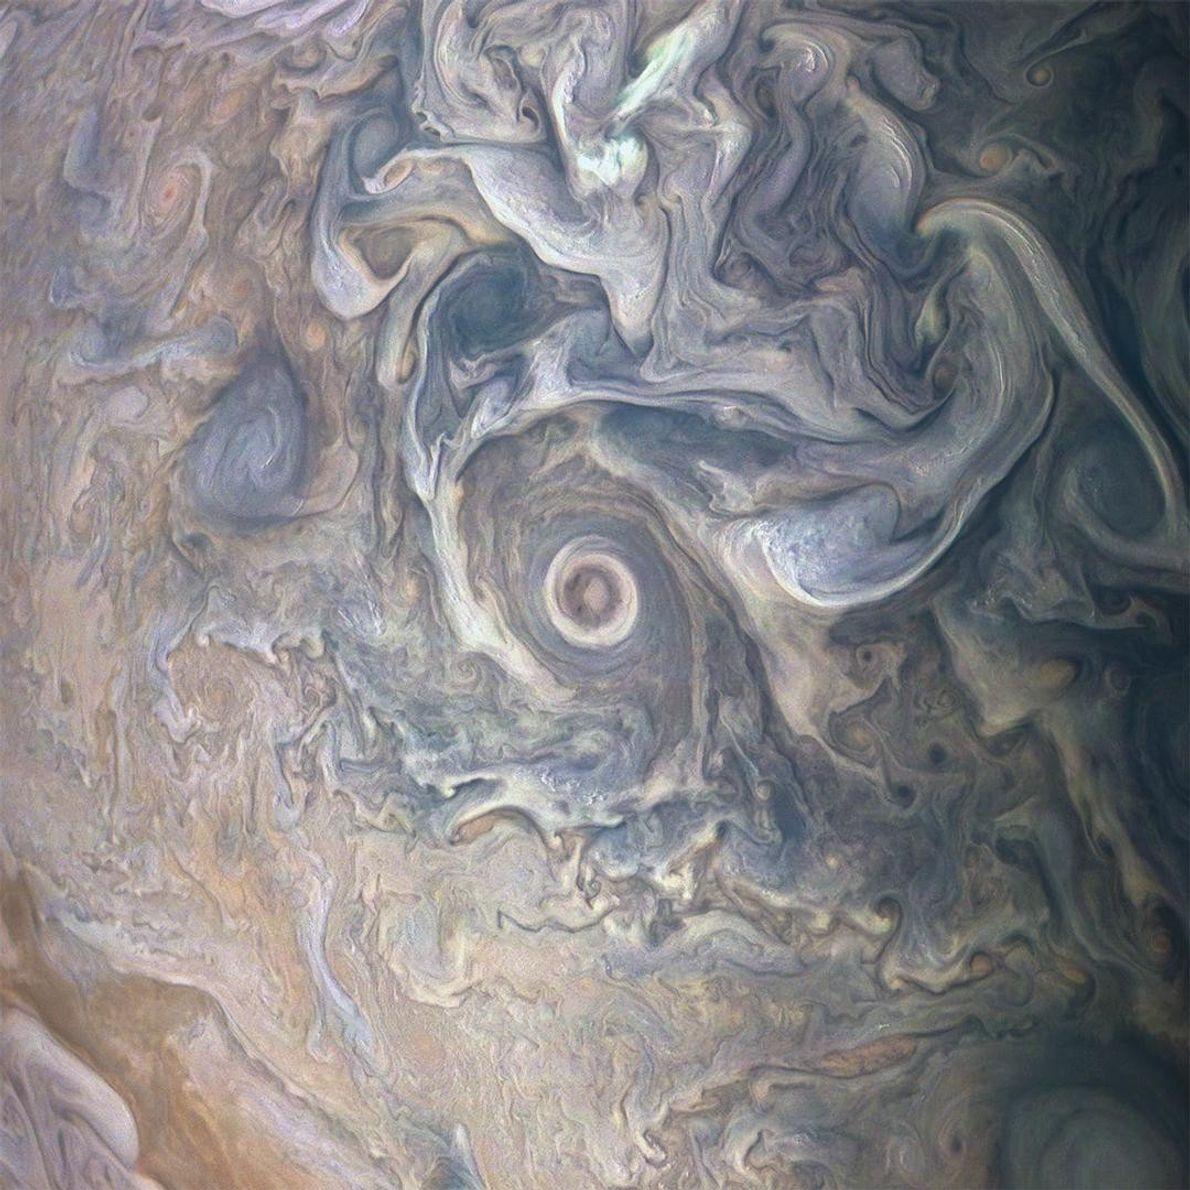 Die Wolkenwirbel in der nördlichen Hemisphäre des Jupiters wirken wie ein aufwendiges Ölgemälde. Das Bild stammt ...